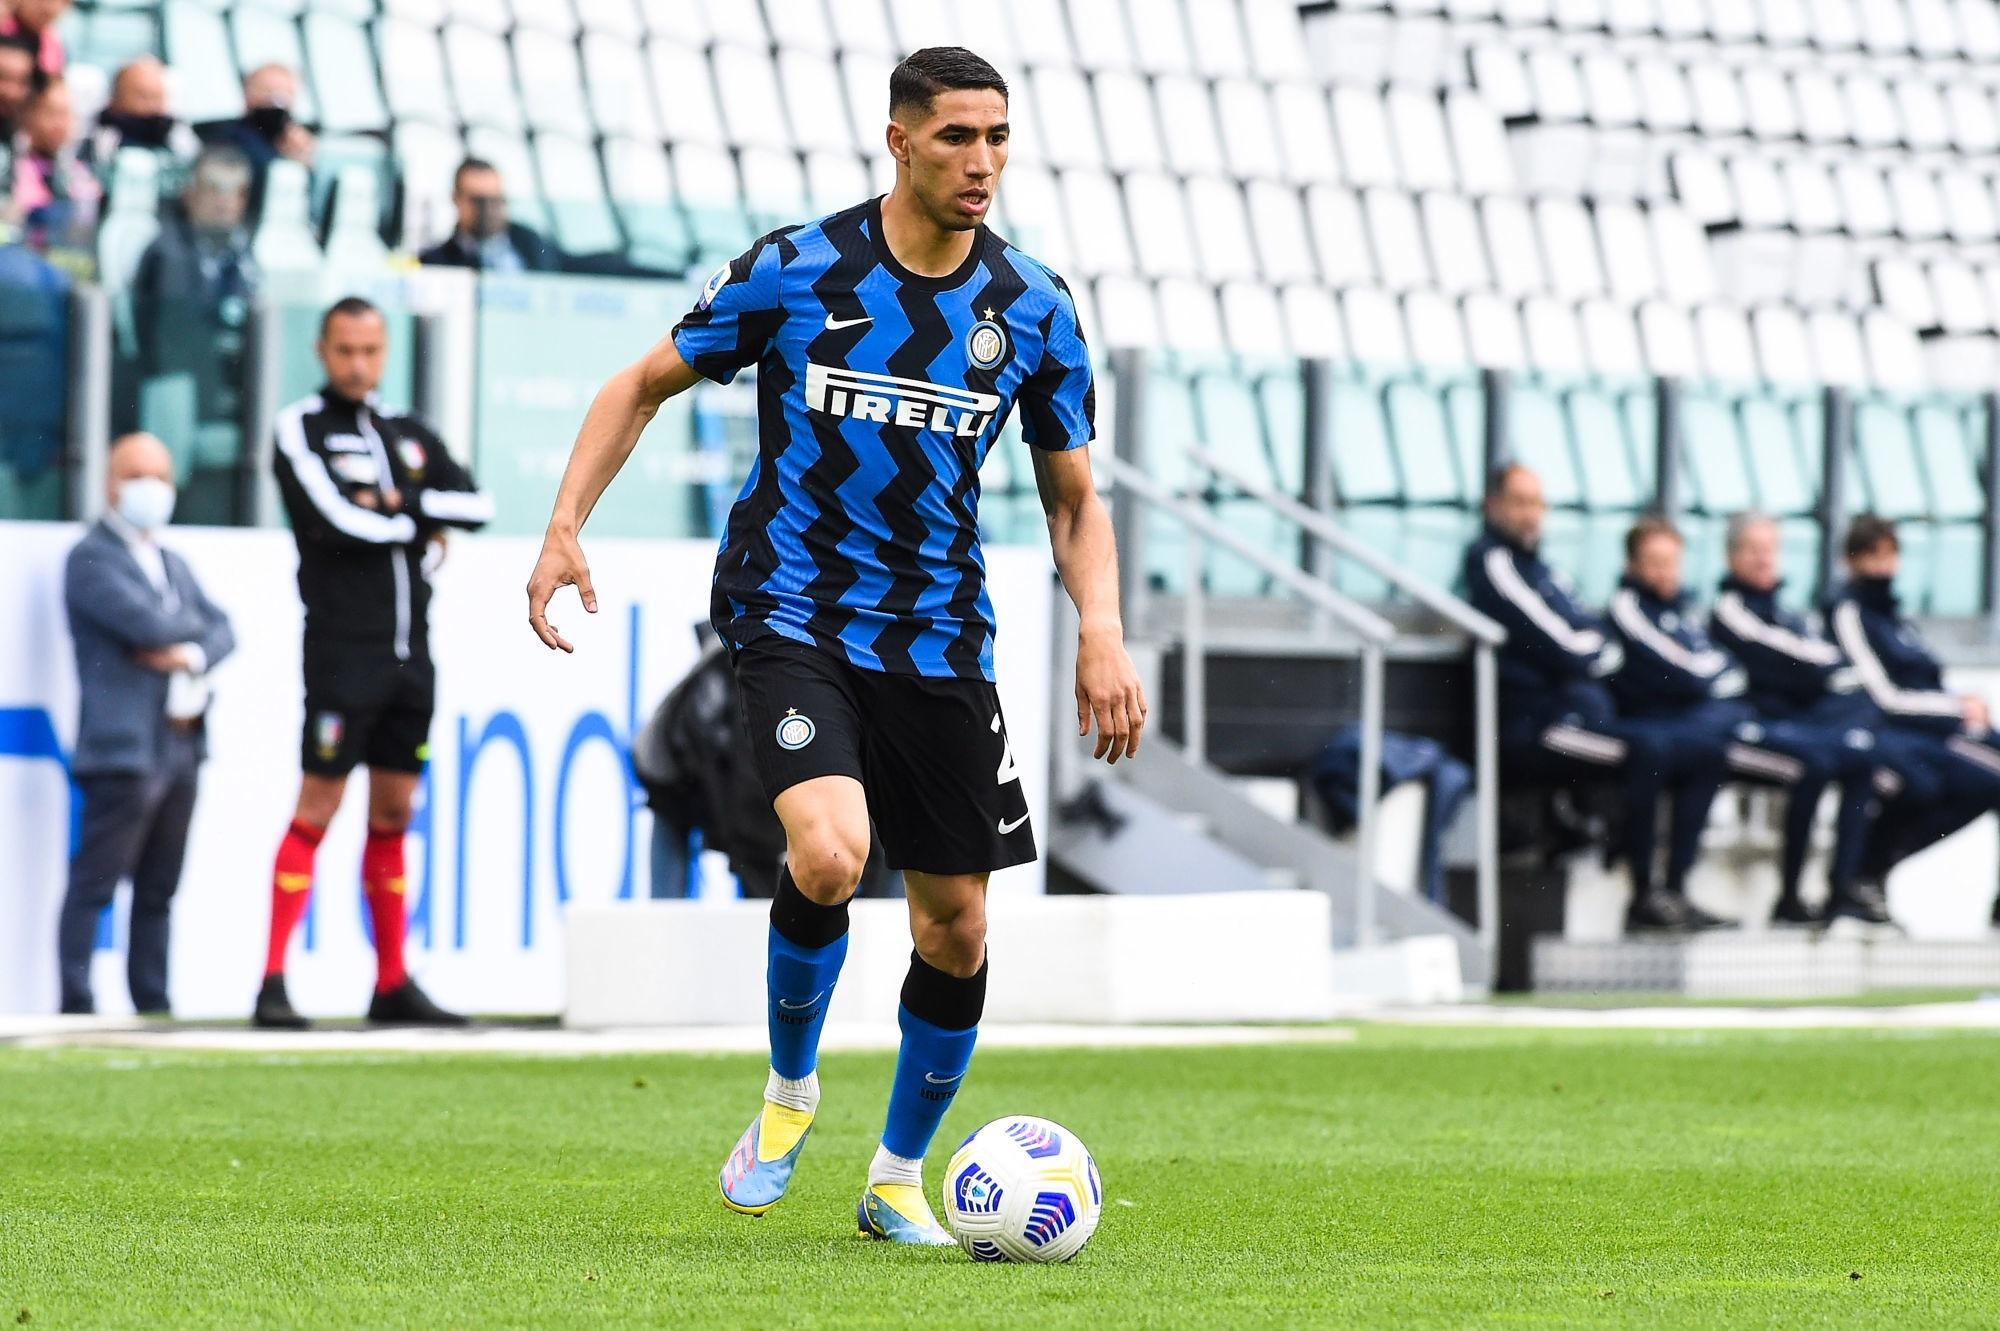 """Mercato - Hakimi """"plaît au PSG"""", indique La Gazzetta dello Sport"""